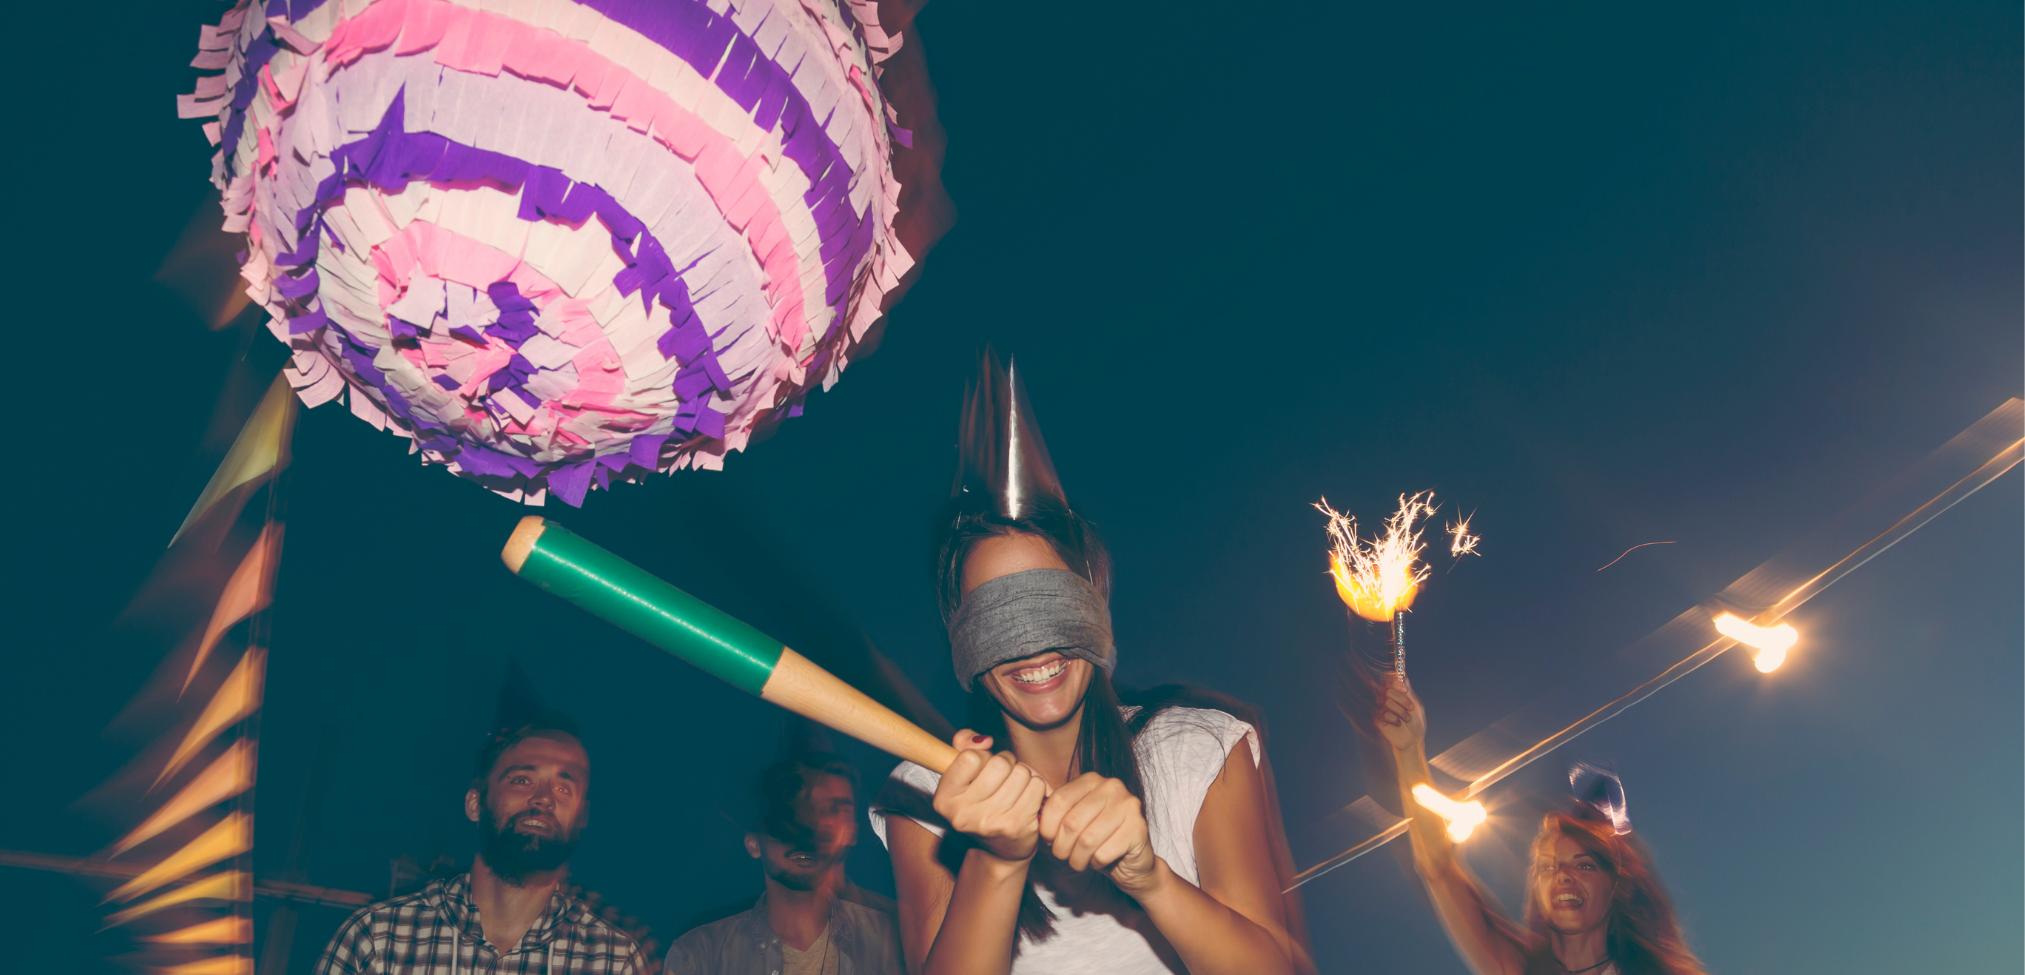 Pinata kaufen: Die schönsten Pinata Party Hits